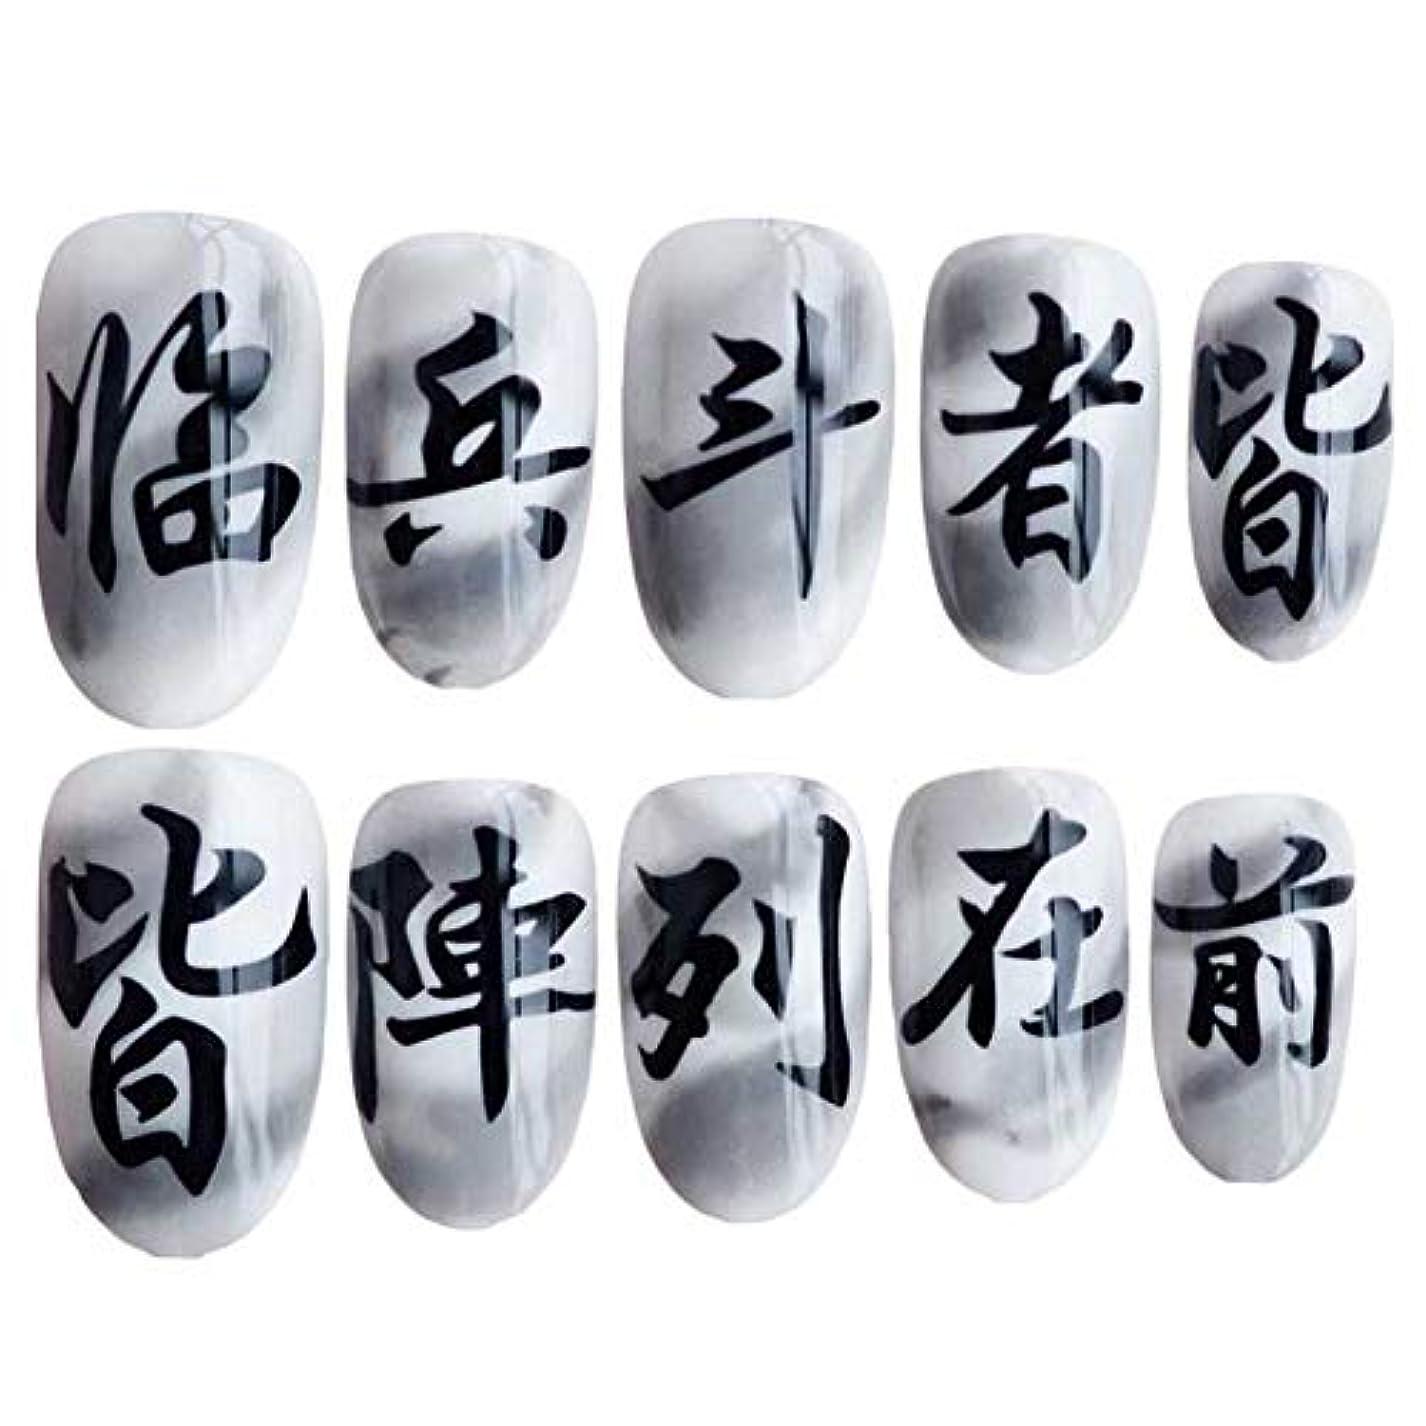 作業悲観的コンピューター中国語文字灰色/白い偽爪爪人工爪装飾爪のヒント